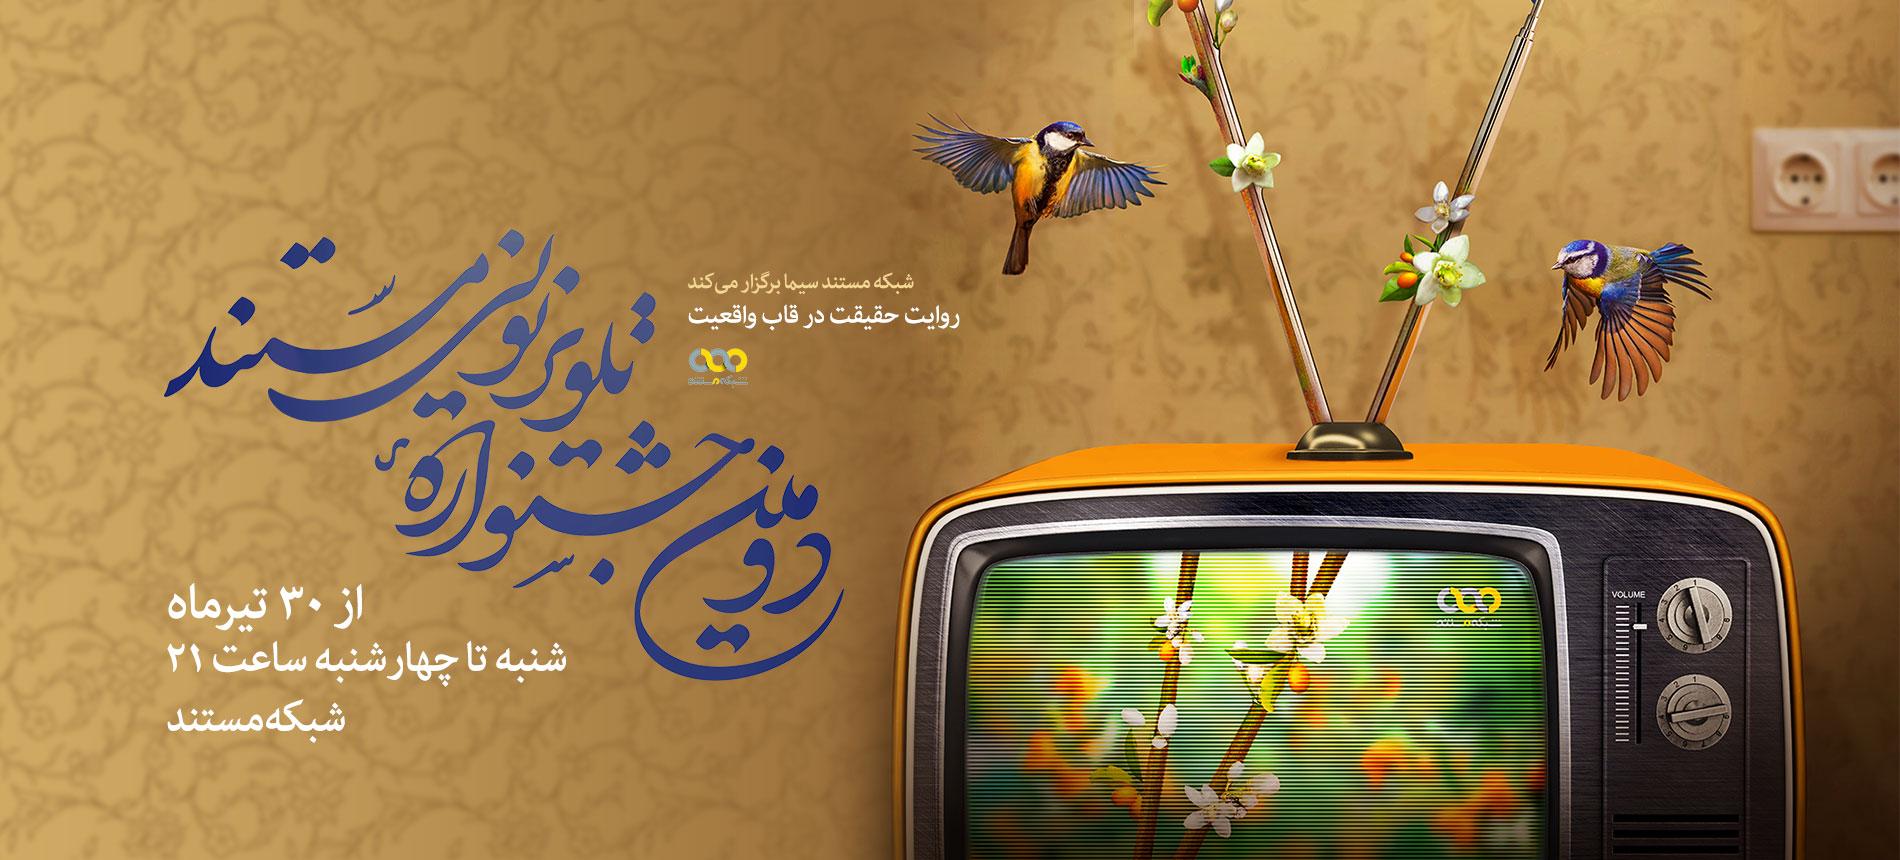 آغاز دومین جشنواره تلویزیونی مستند از 30 تیرماه